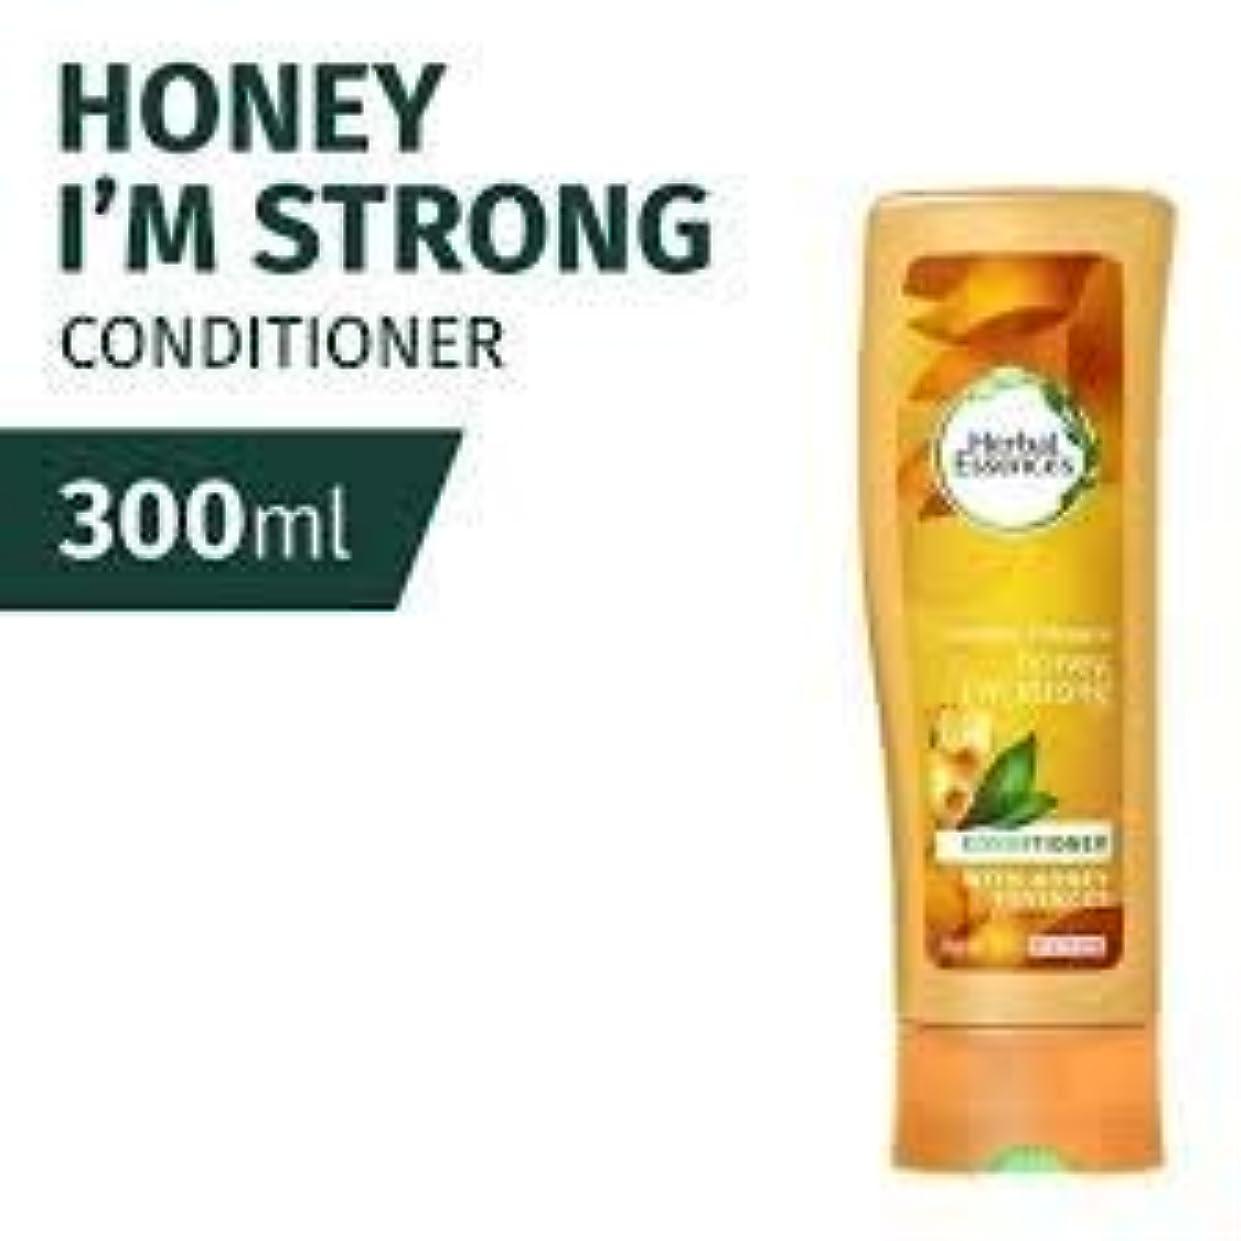 関係ないリーフレット希少性CLAIROL HERBAL ESSENCES ハニーは、私は強いコンディショナー300ミリリットルのだ - それを甘いパワーを与えて、蜂蜜の風味が豊かでクリーミーな風味は保湿が髪を修復混合して